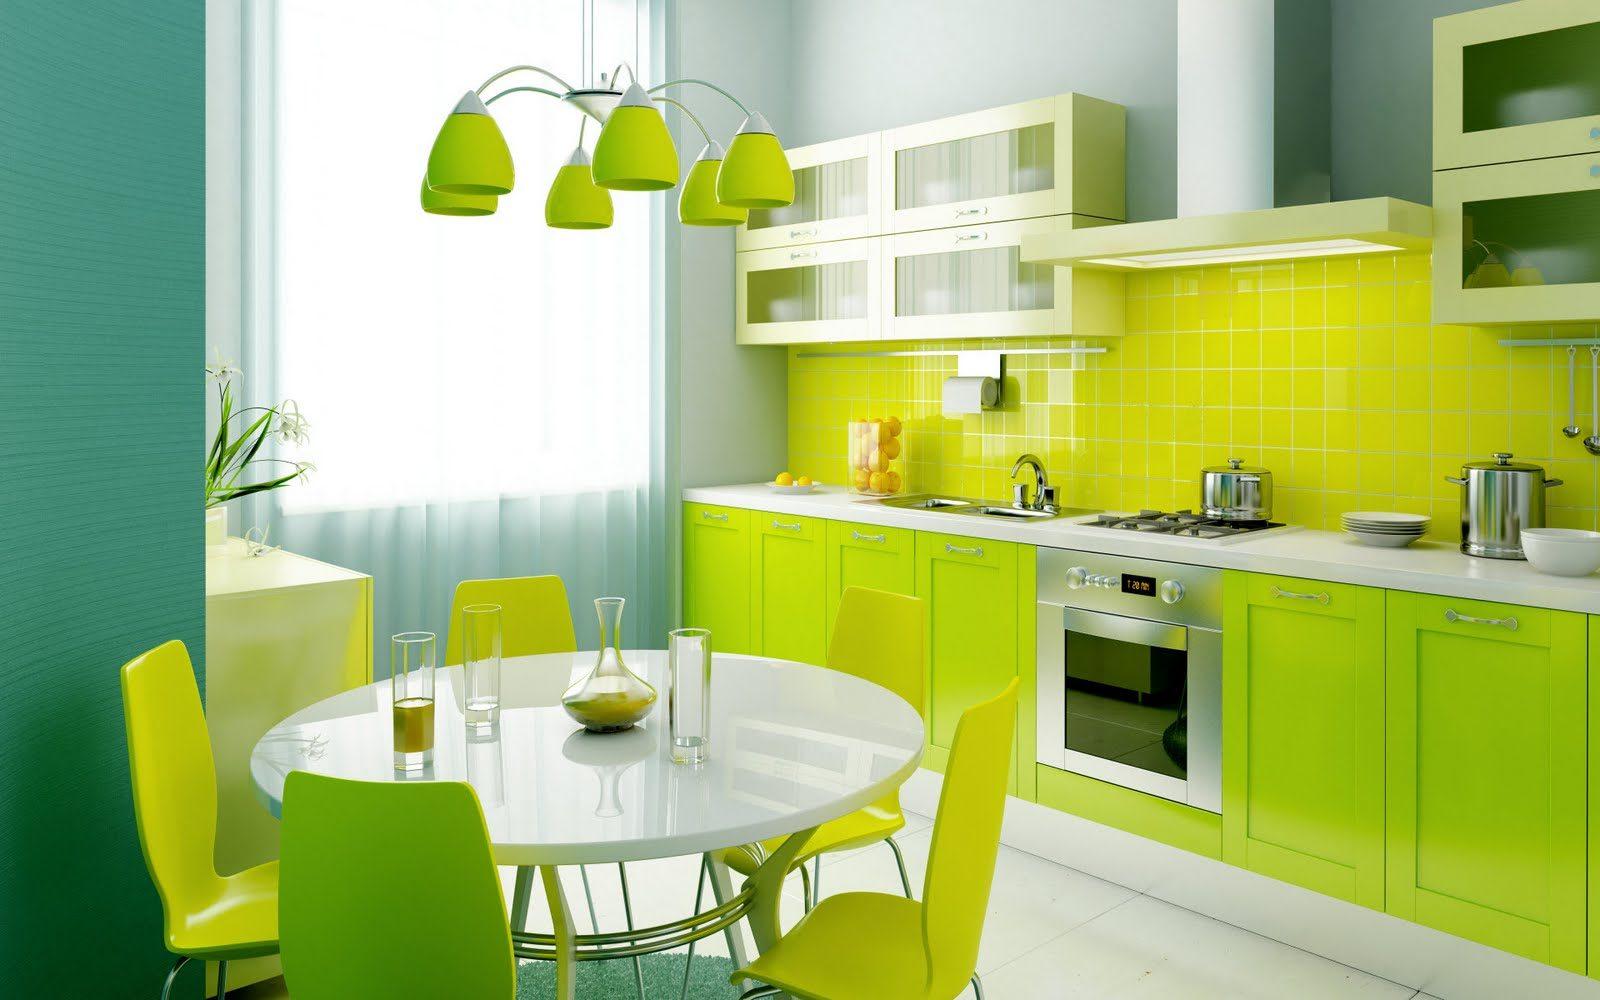 Galería de imágenes: Cocinas de diseño